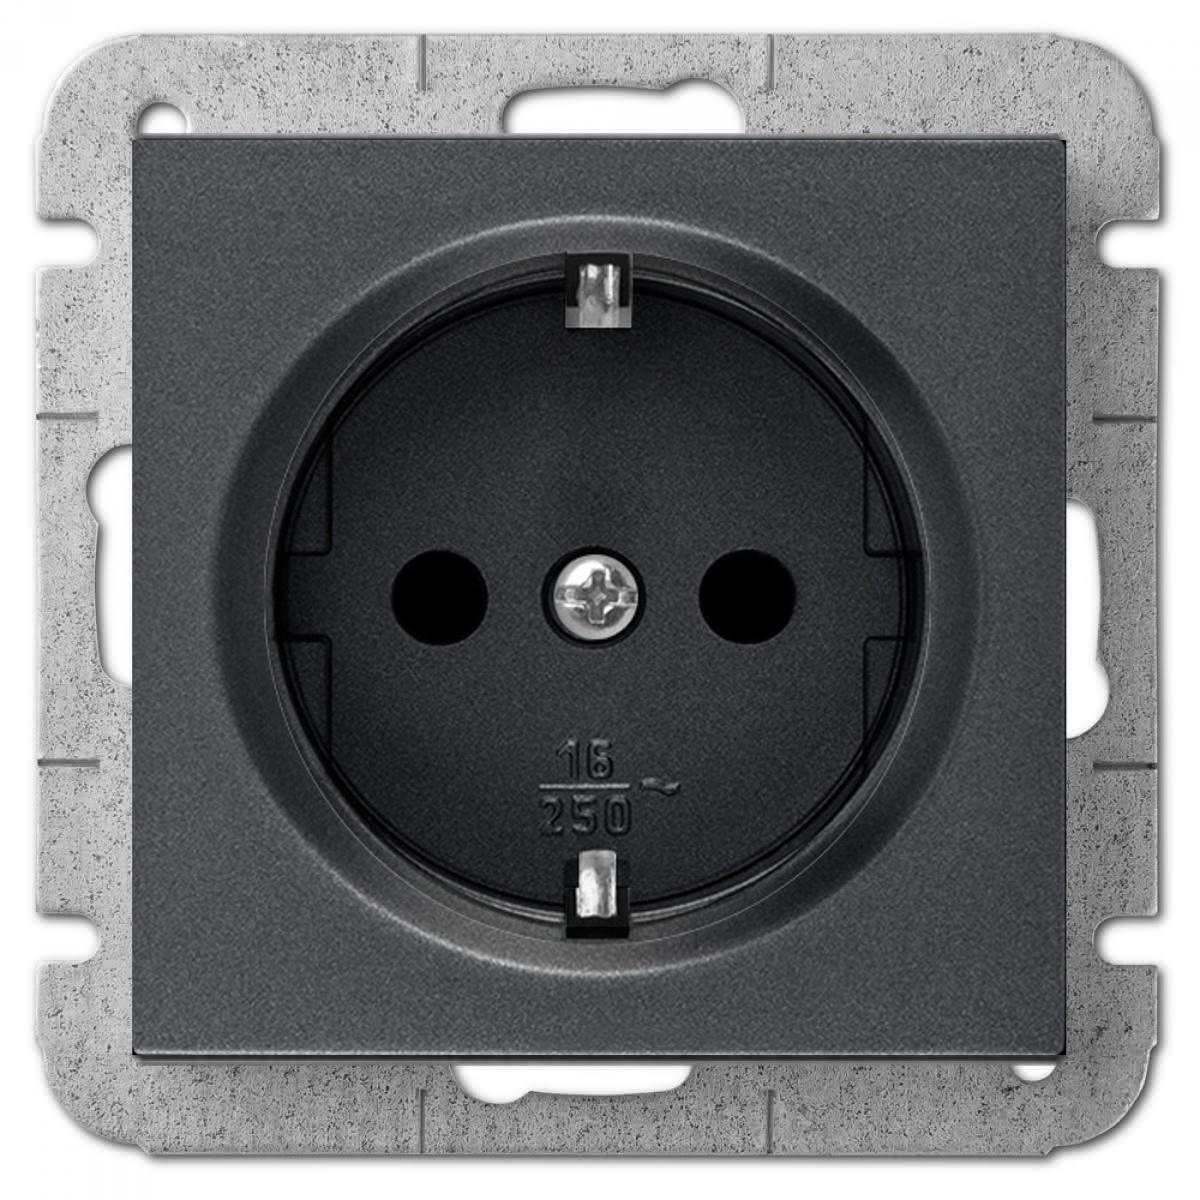 Unterputz Schuko Steckdose 16A schwarz Premium serie SENTIA,Elektro-Plast,1437-19, 5902431696683